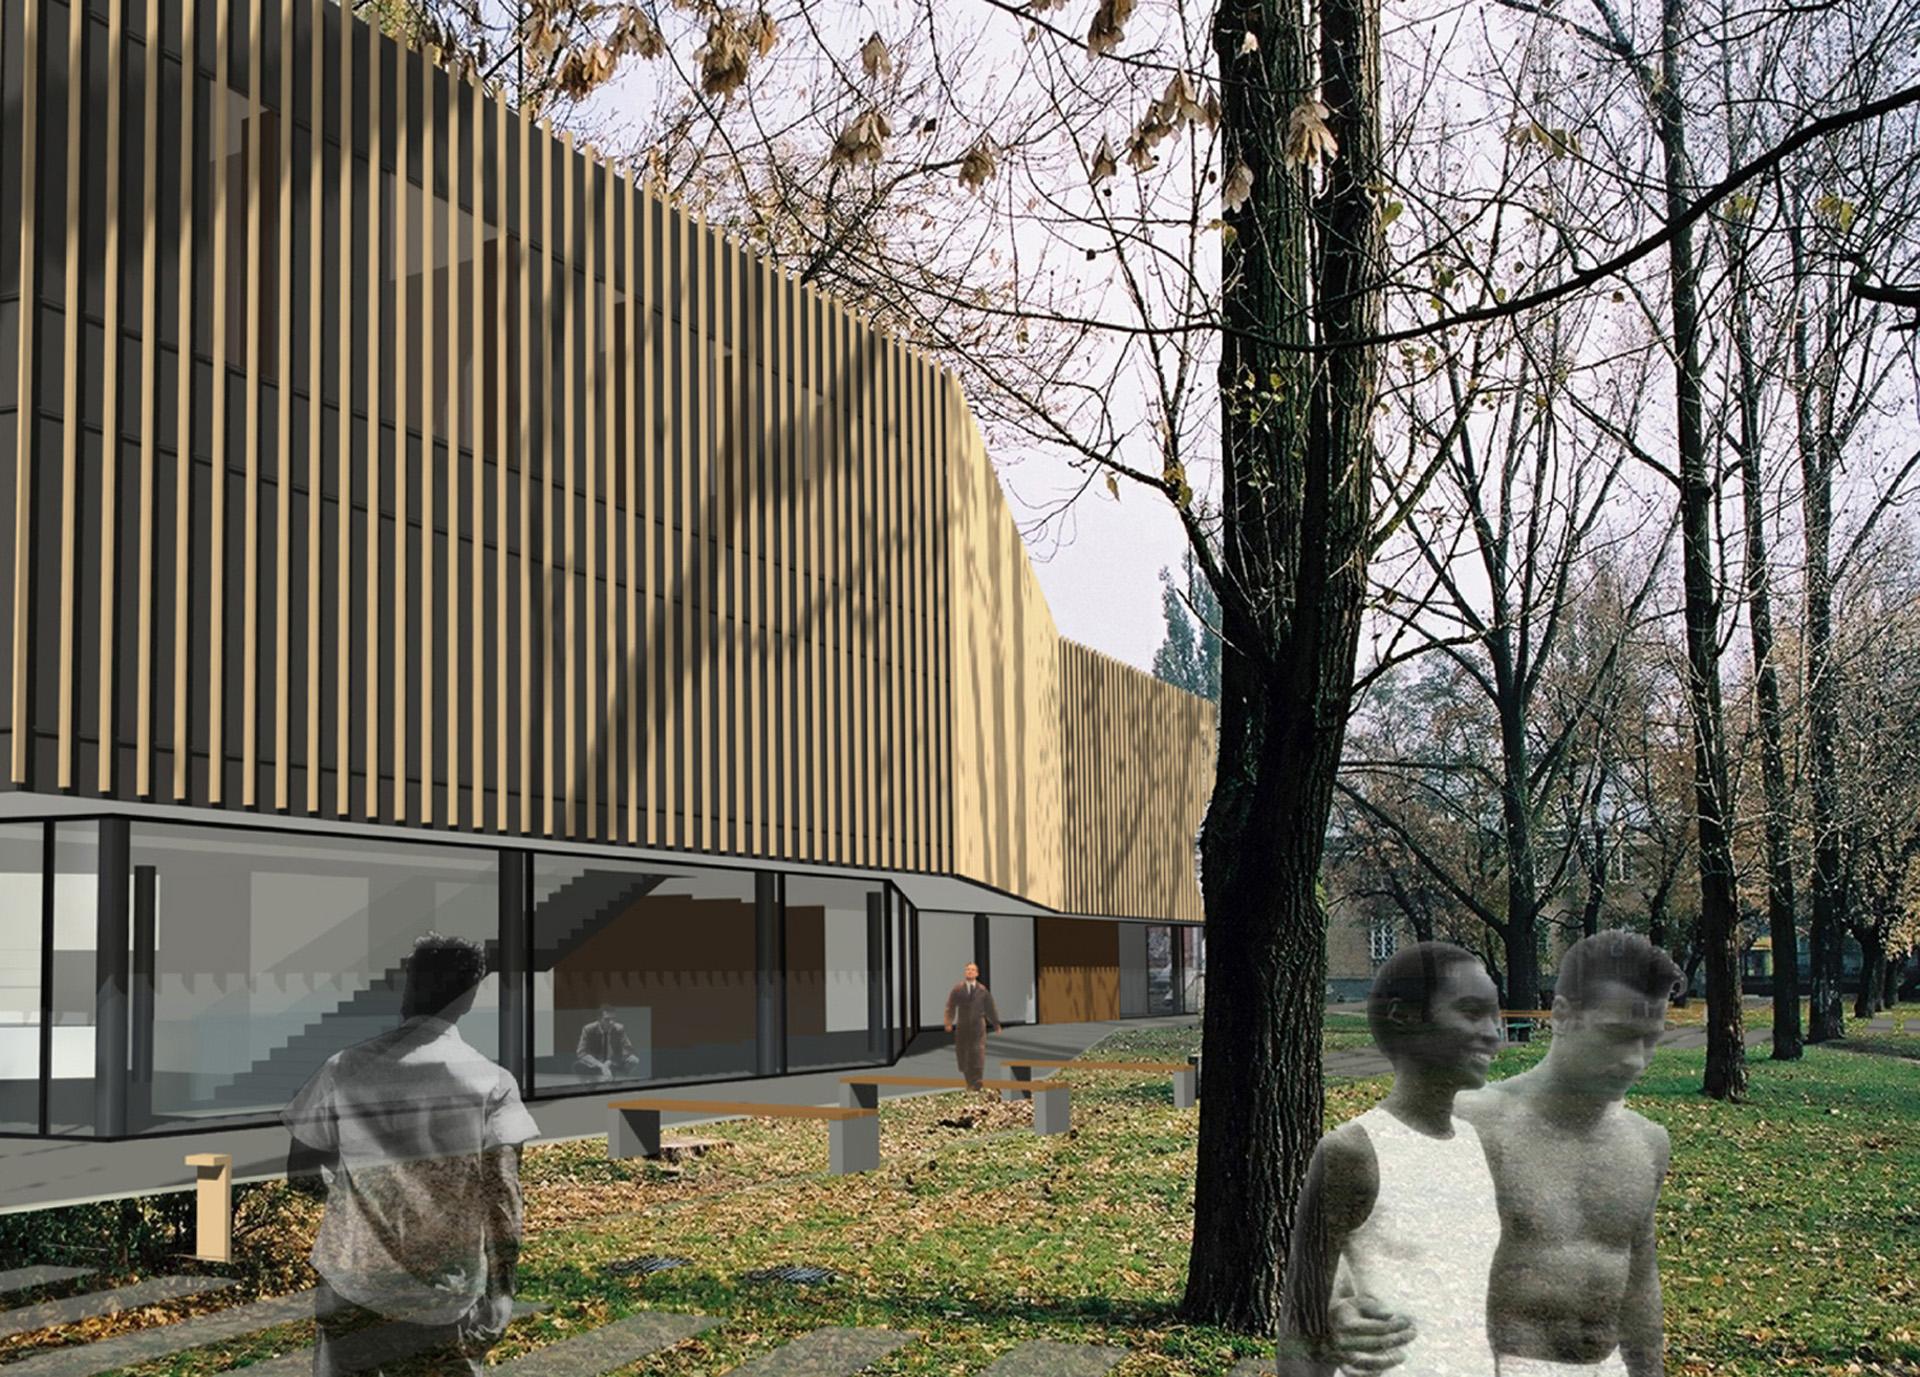 Dzielnicowe Centrum Promocji Kultury w Warszawie. Wyróżnienie w konkursie architektonicznym BAZA architekci.